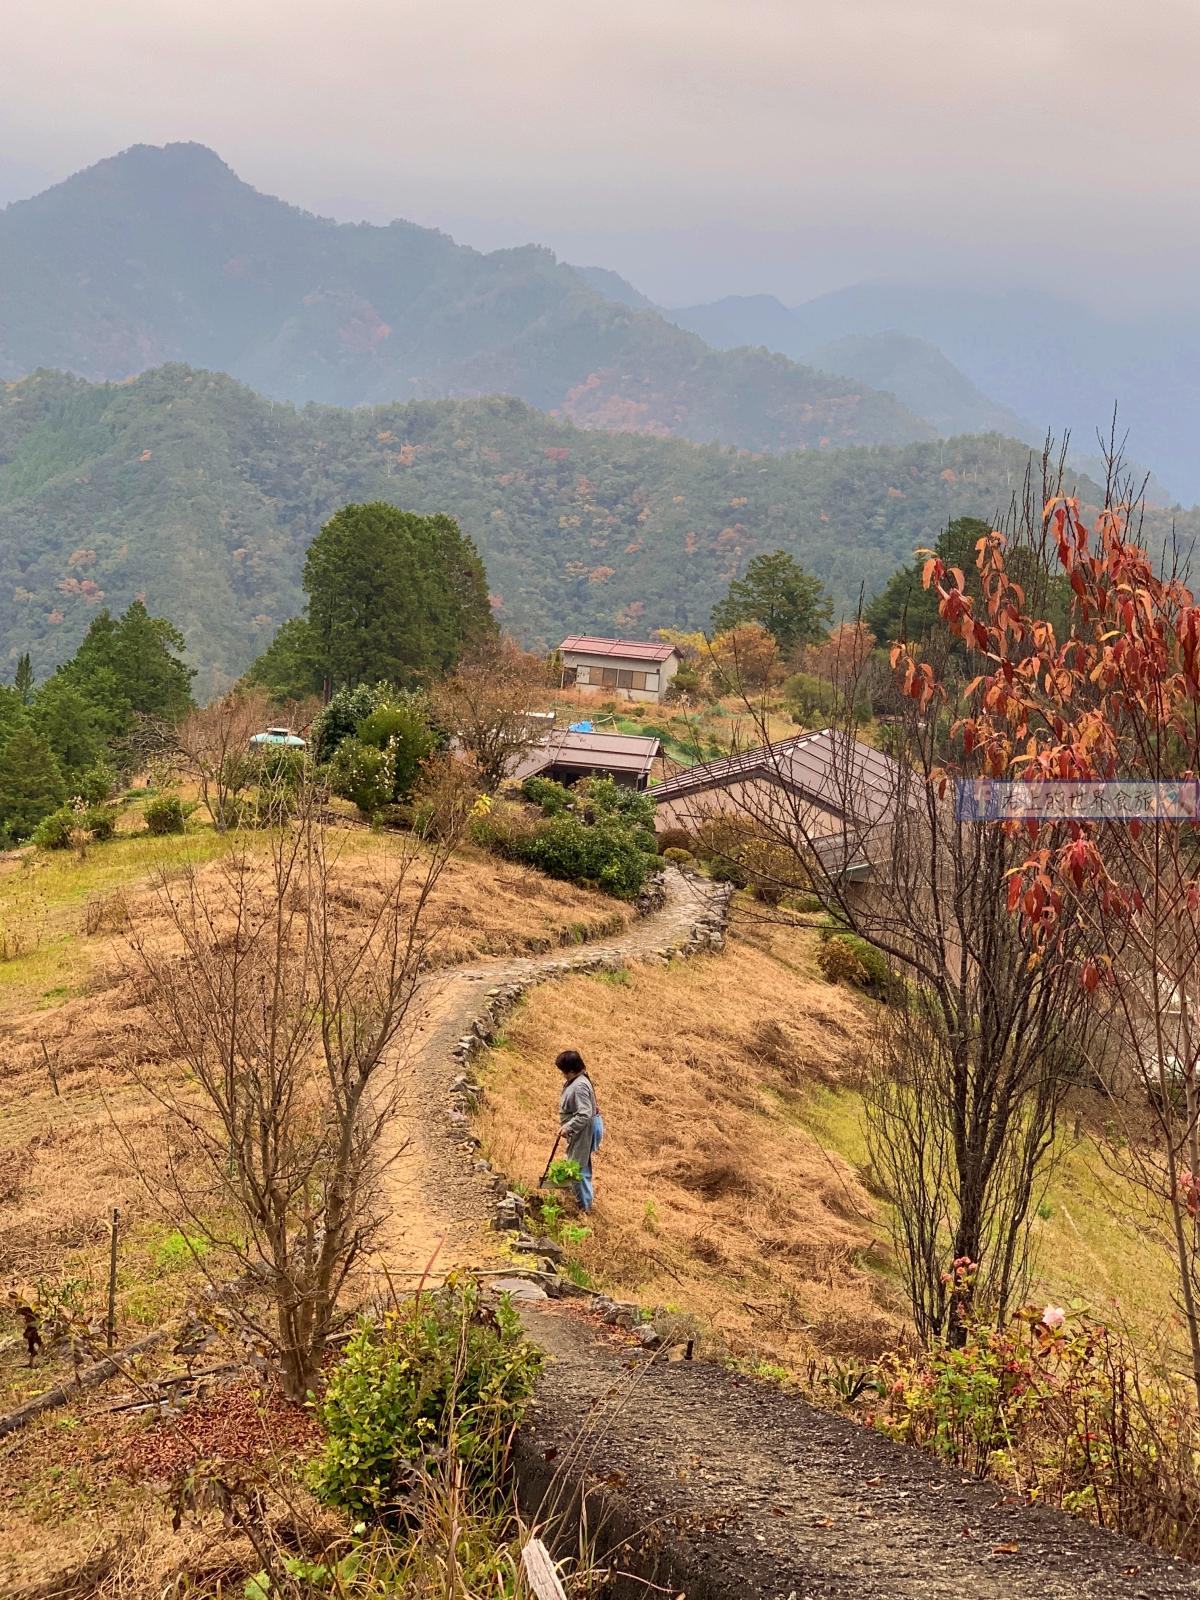 和歌山 昴之鄉溫泉:拜訪熊野本宮大社推薦住宿/拜訪最美秘境村莊:果無集落 @右上世界食旅